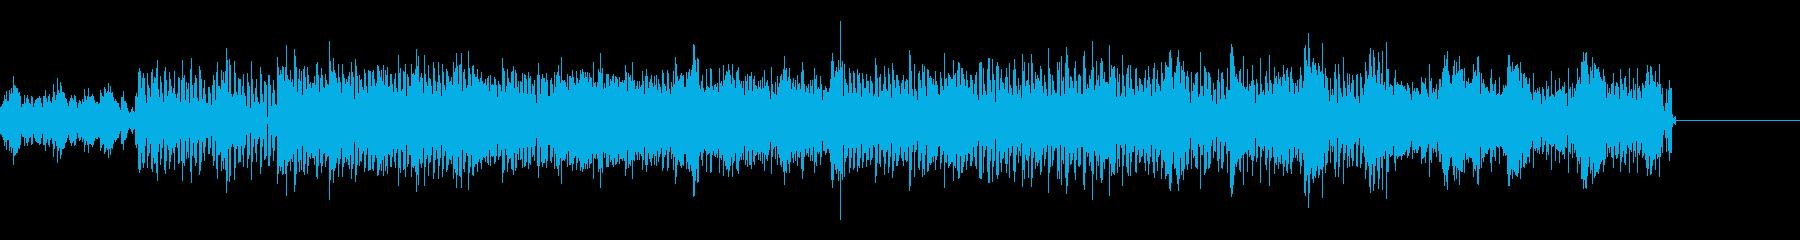 サイバーでグリッジなIDMの再生済みの波形